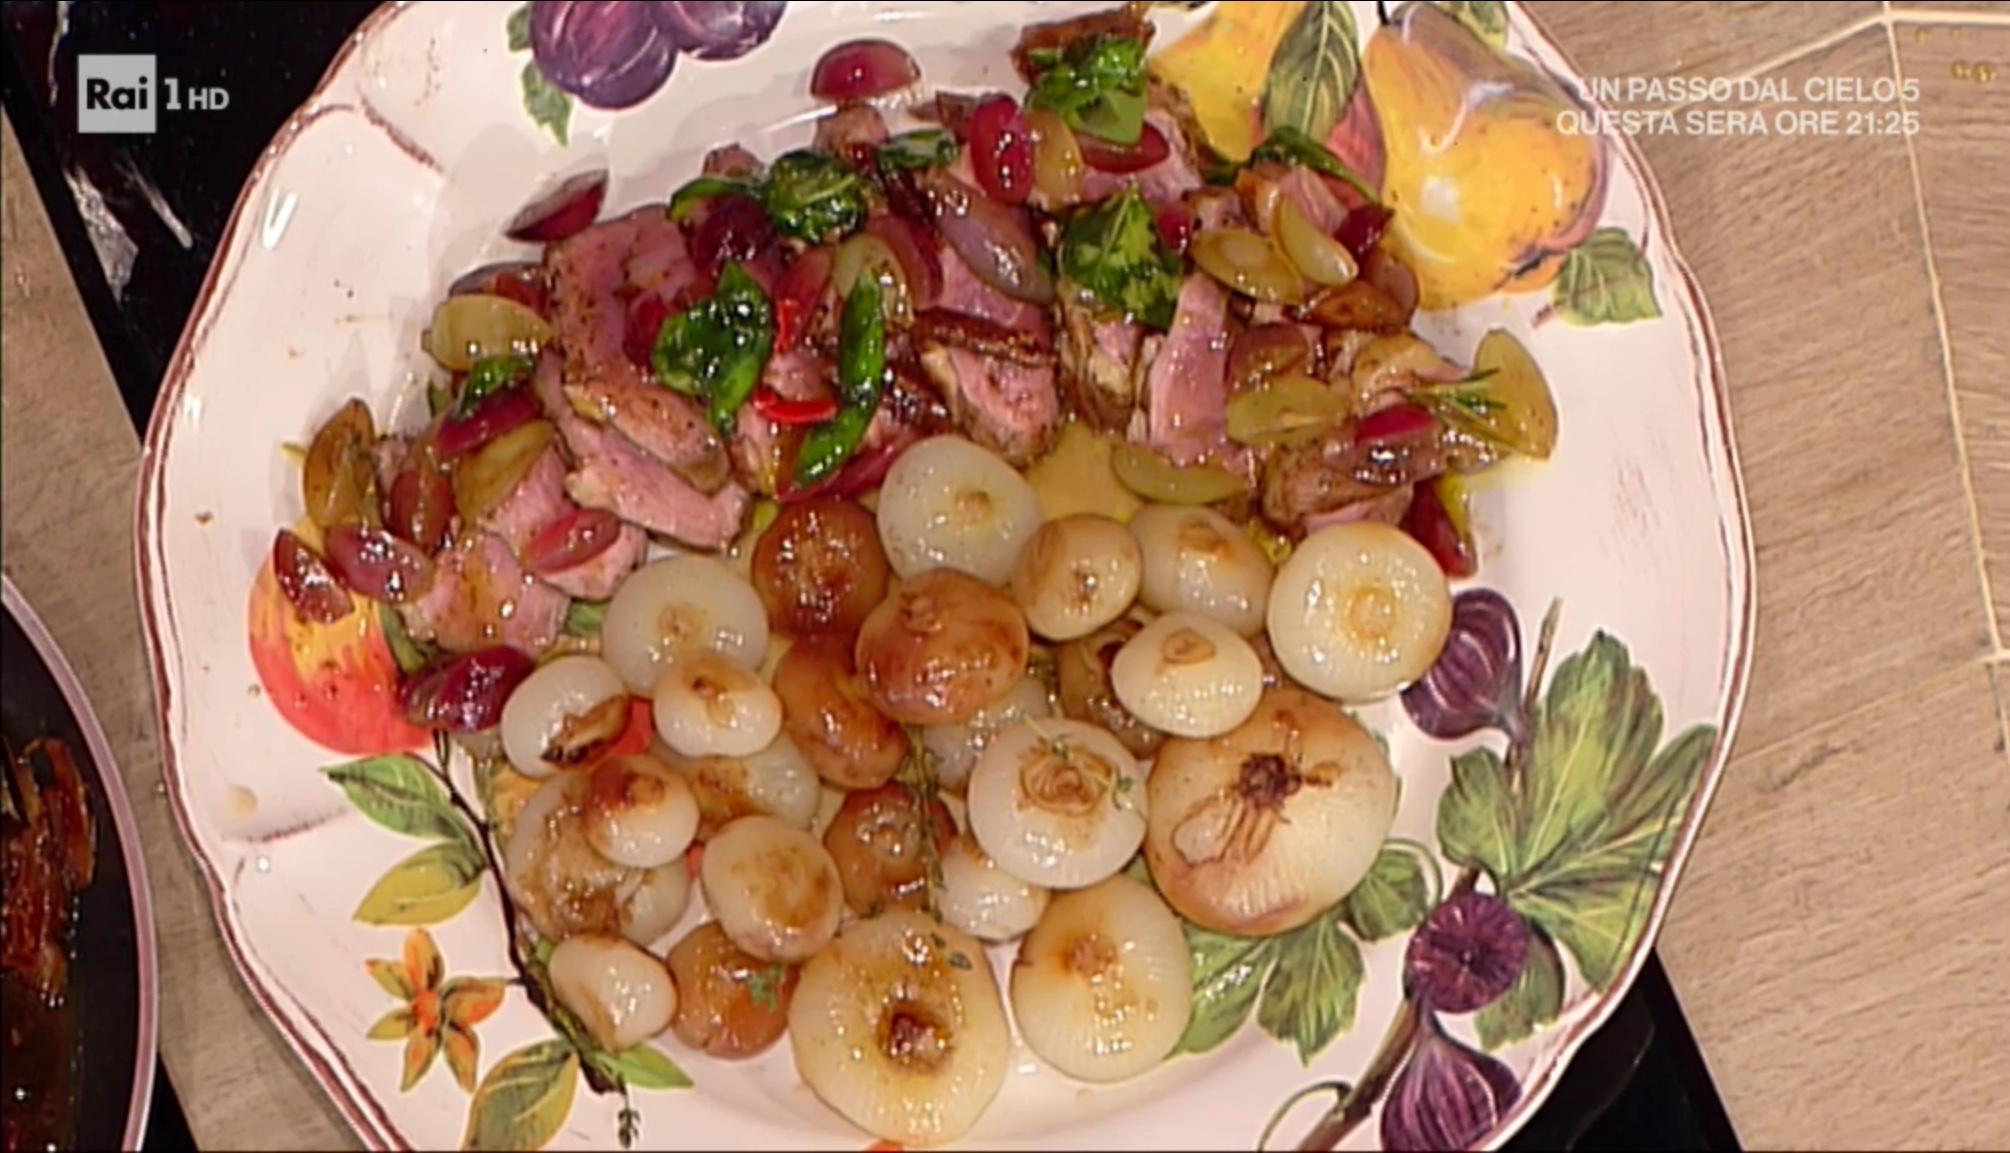 petto d'anatra con uva e fichi secchi di Luisanna Messeri